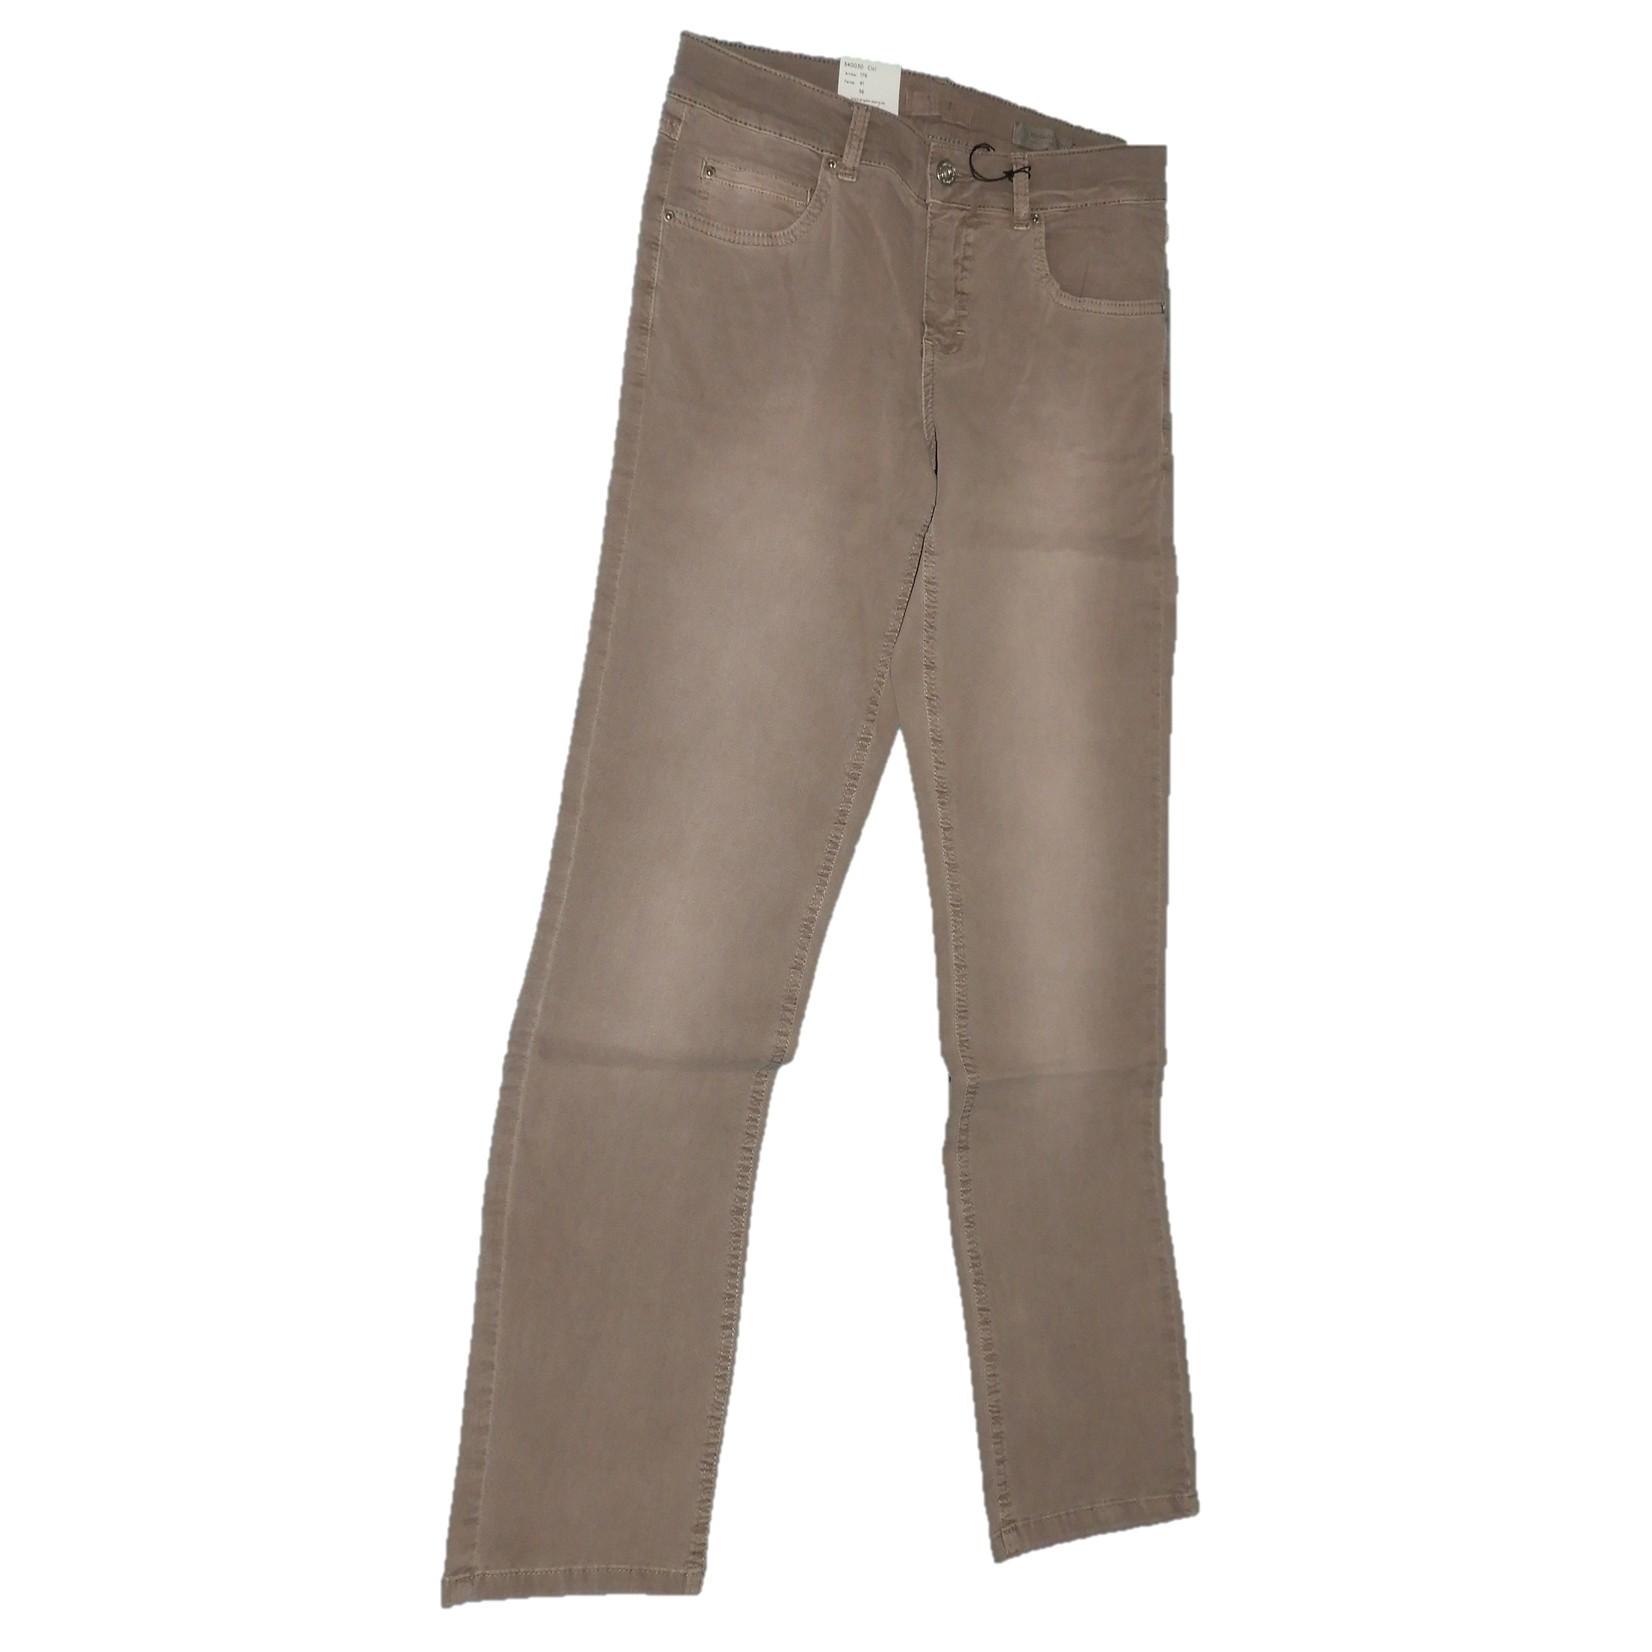 Angels Jeans spijkerbroek maat 36 + 44